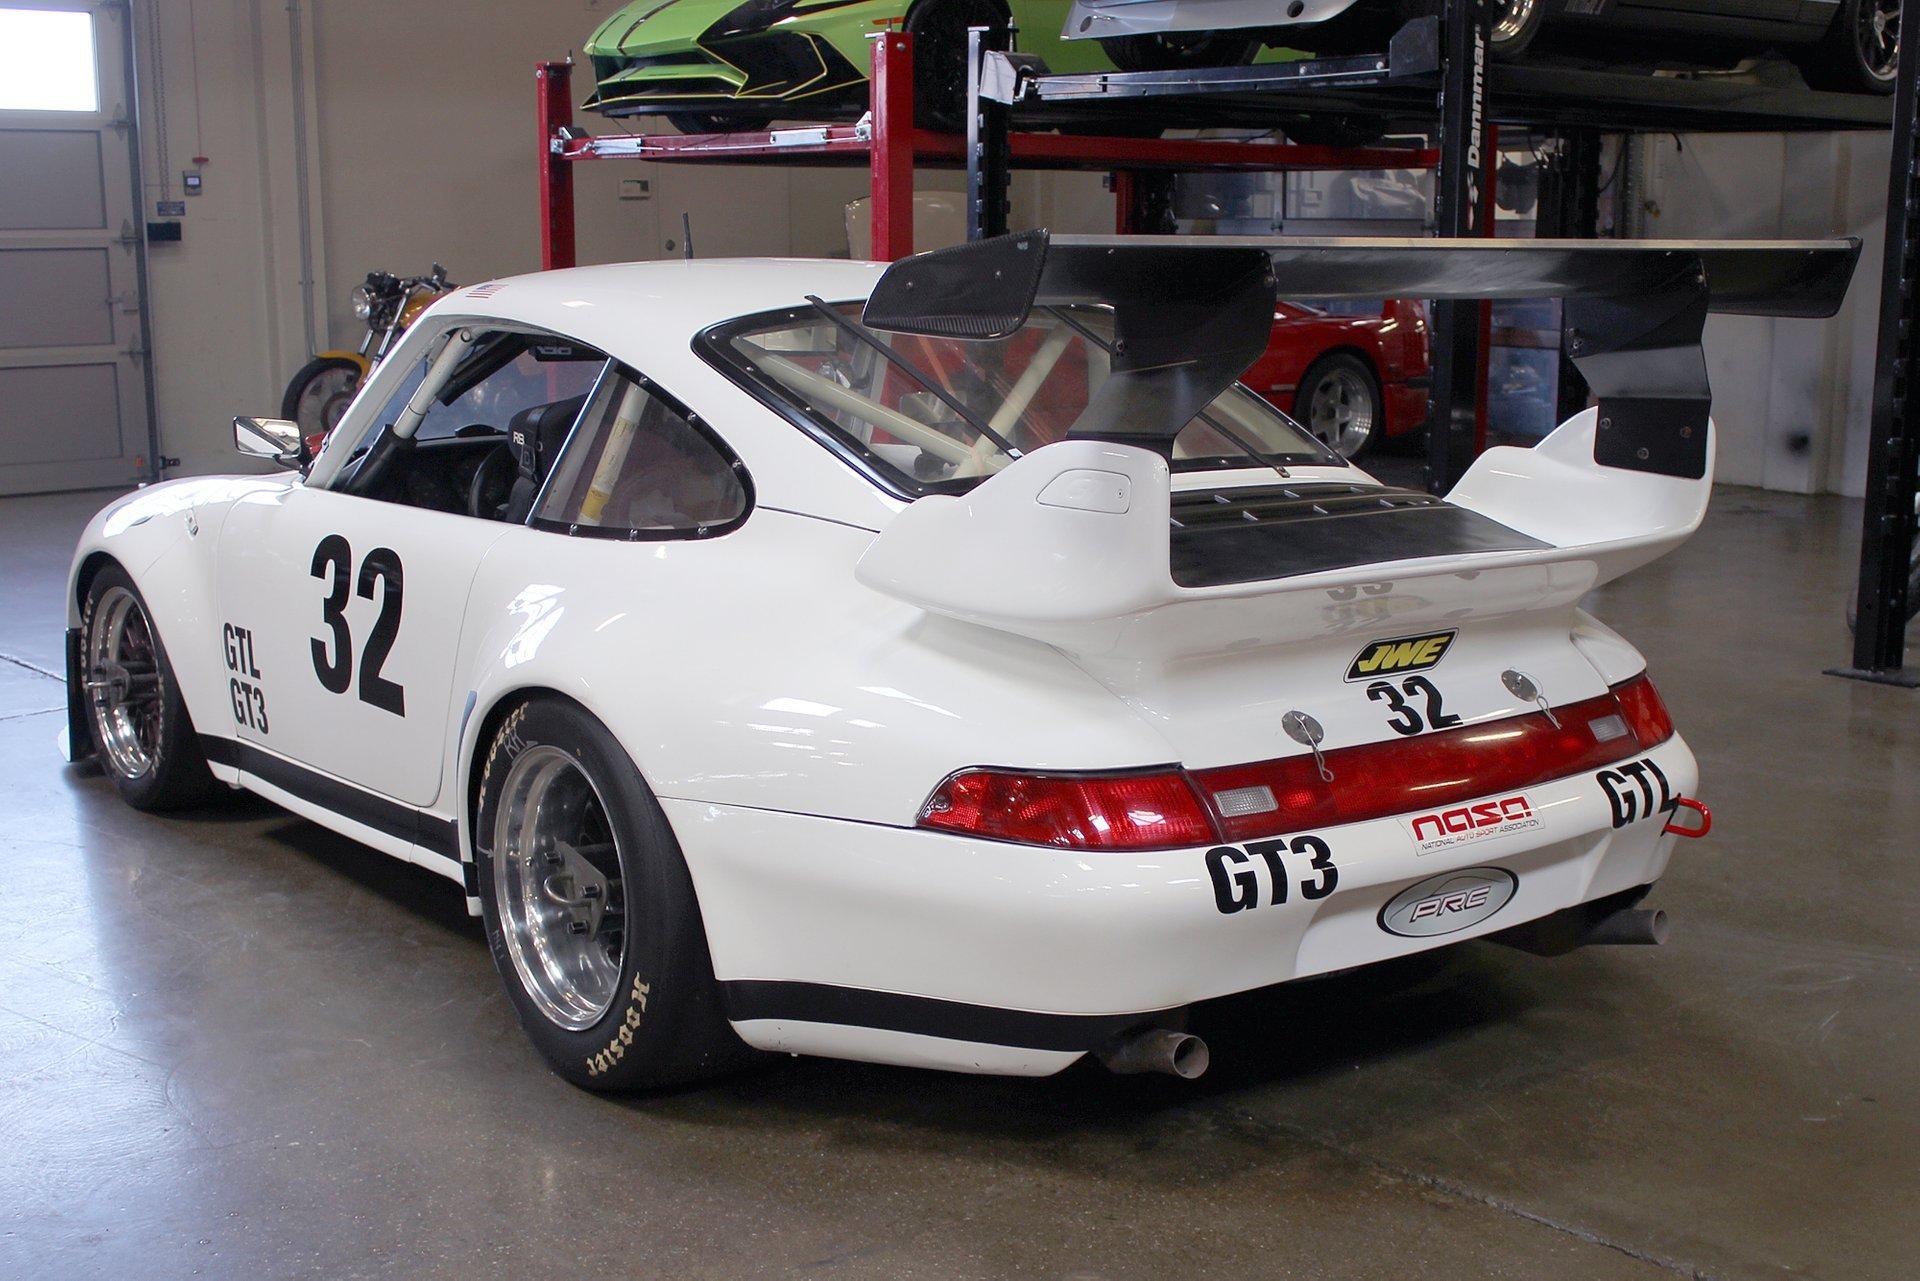 1992 Porsche 911 GT3/GTL RACE CAR for sale #117994 | Motorious